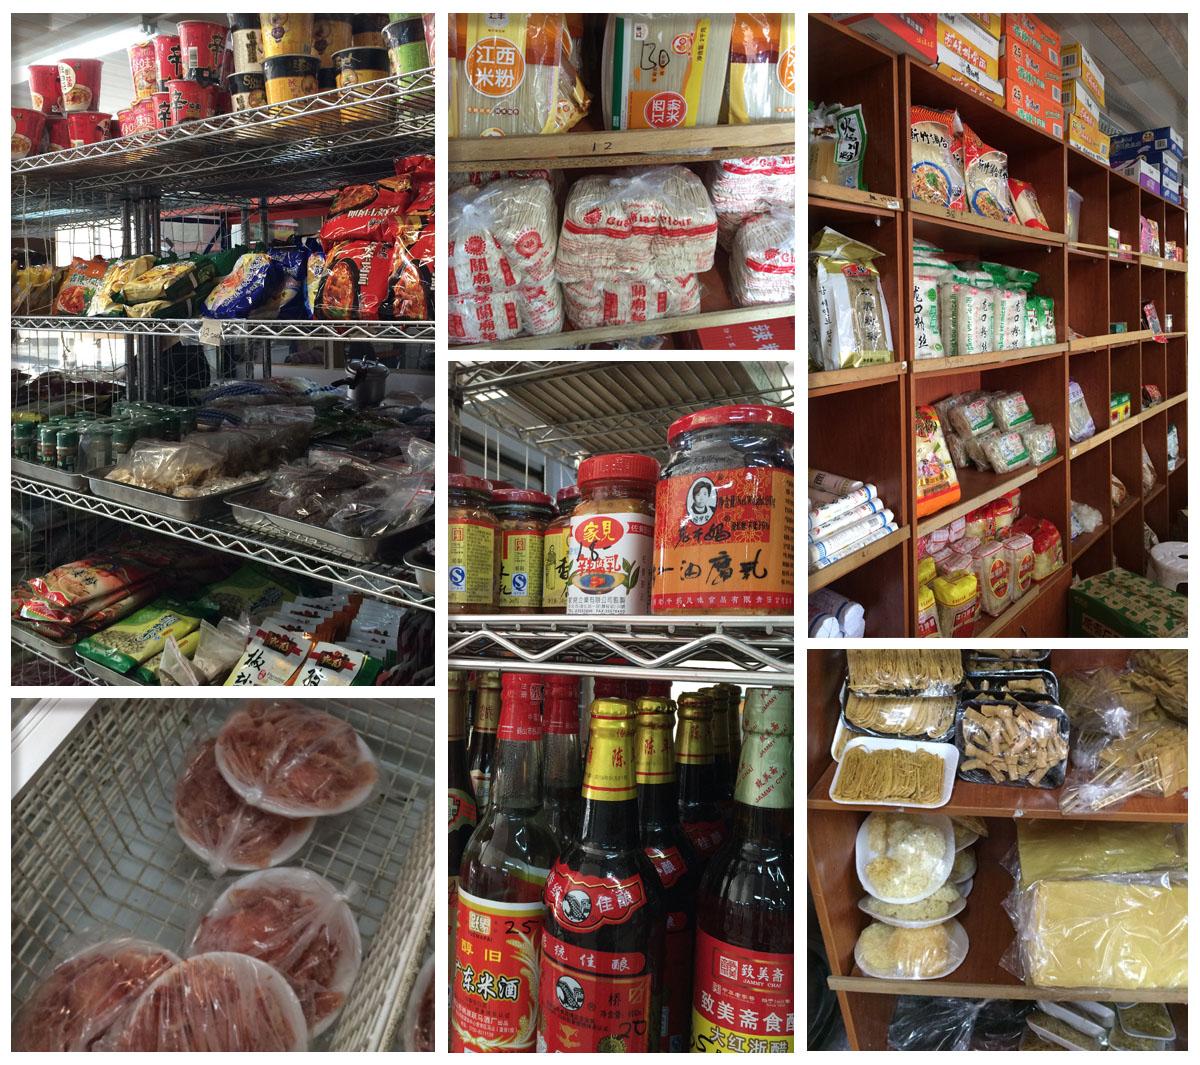 数多くの食材を取り揃えています。右下は店内で薄切りにされた冷凍の肉。